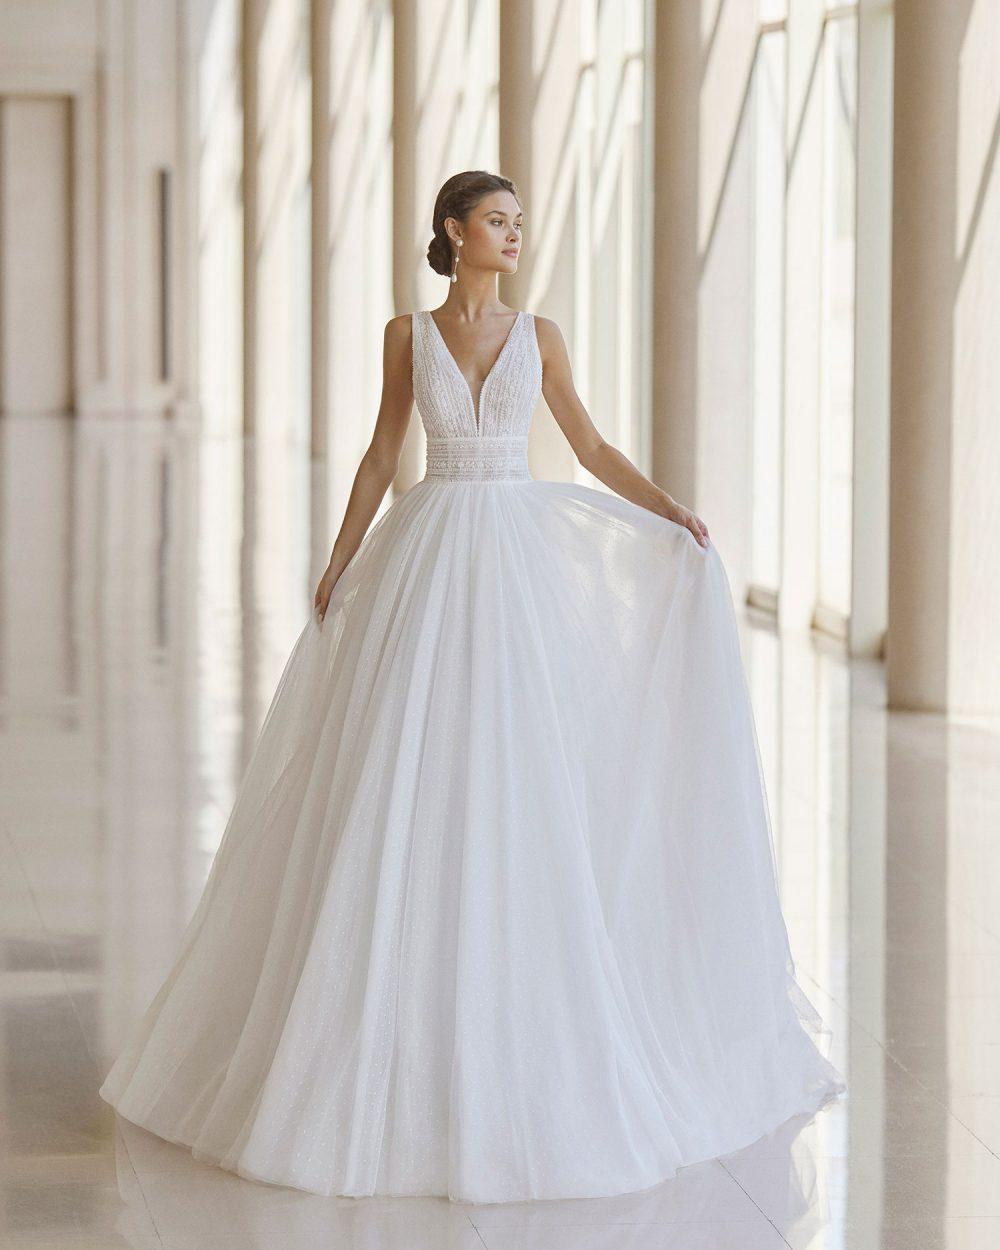 Rosa Clarà 2022 abito vestito sposa Vicenza NISSA